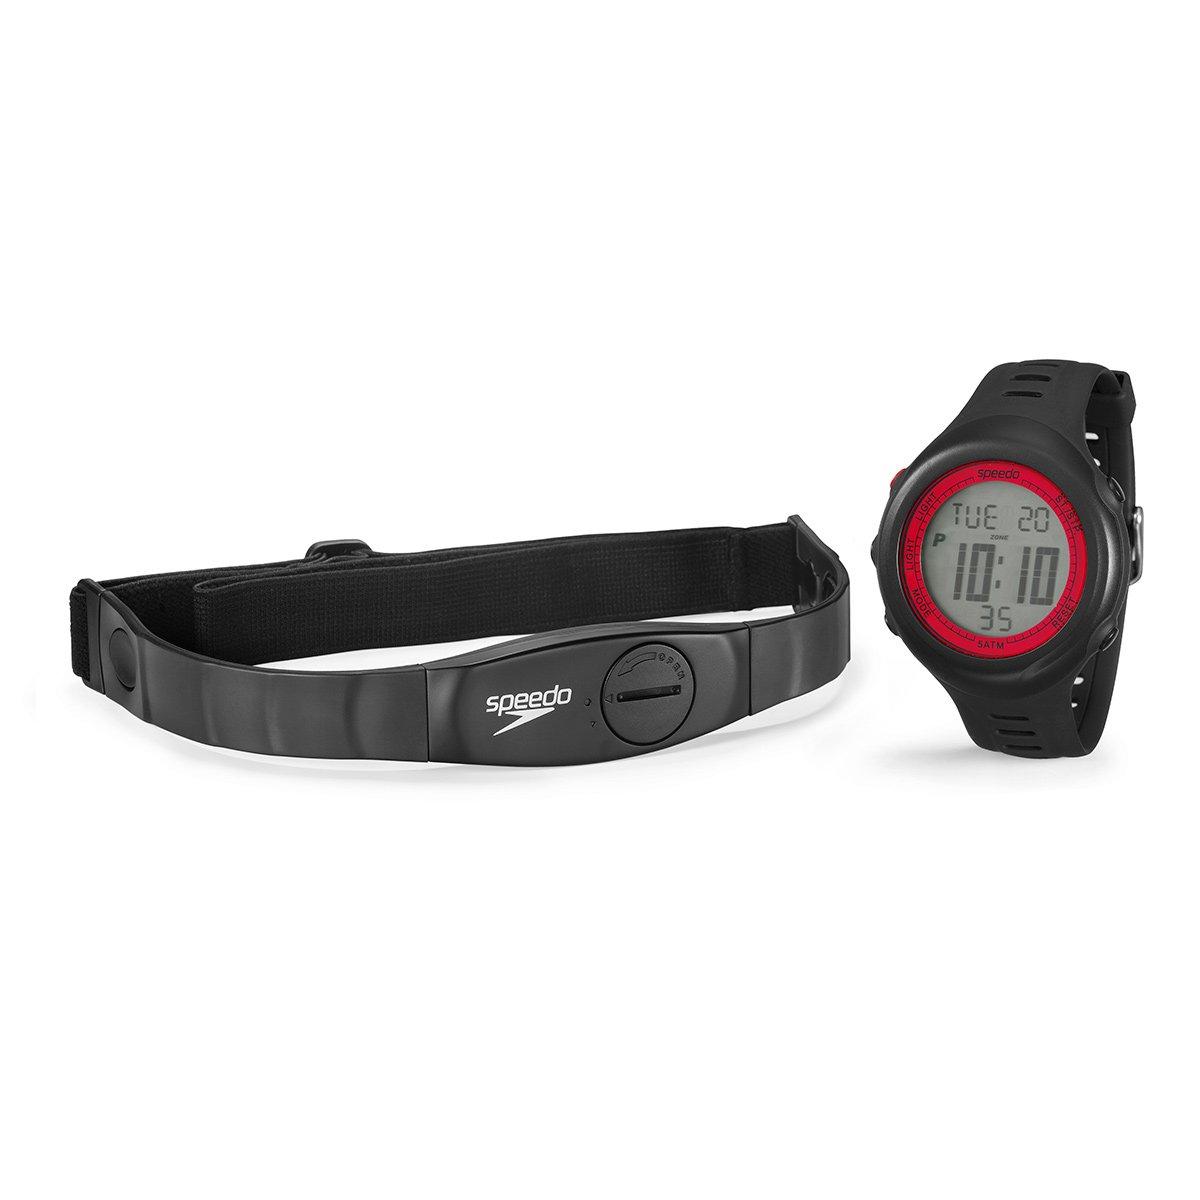 584f1ebc9a2 Relógio com Monitor Cardíaco Digital Speedo - Compre Agora